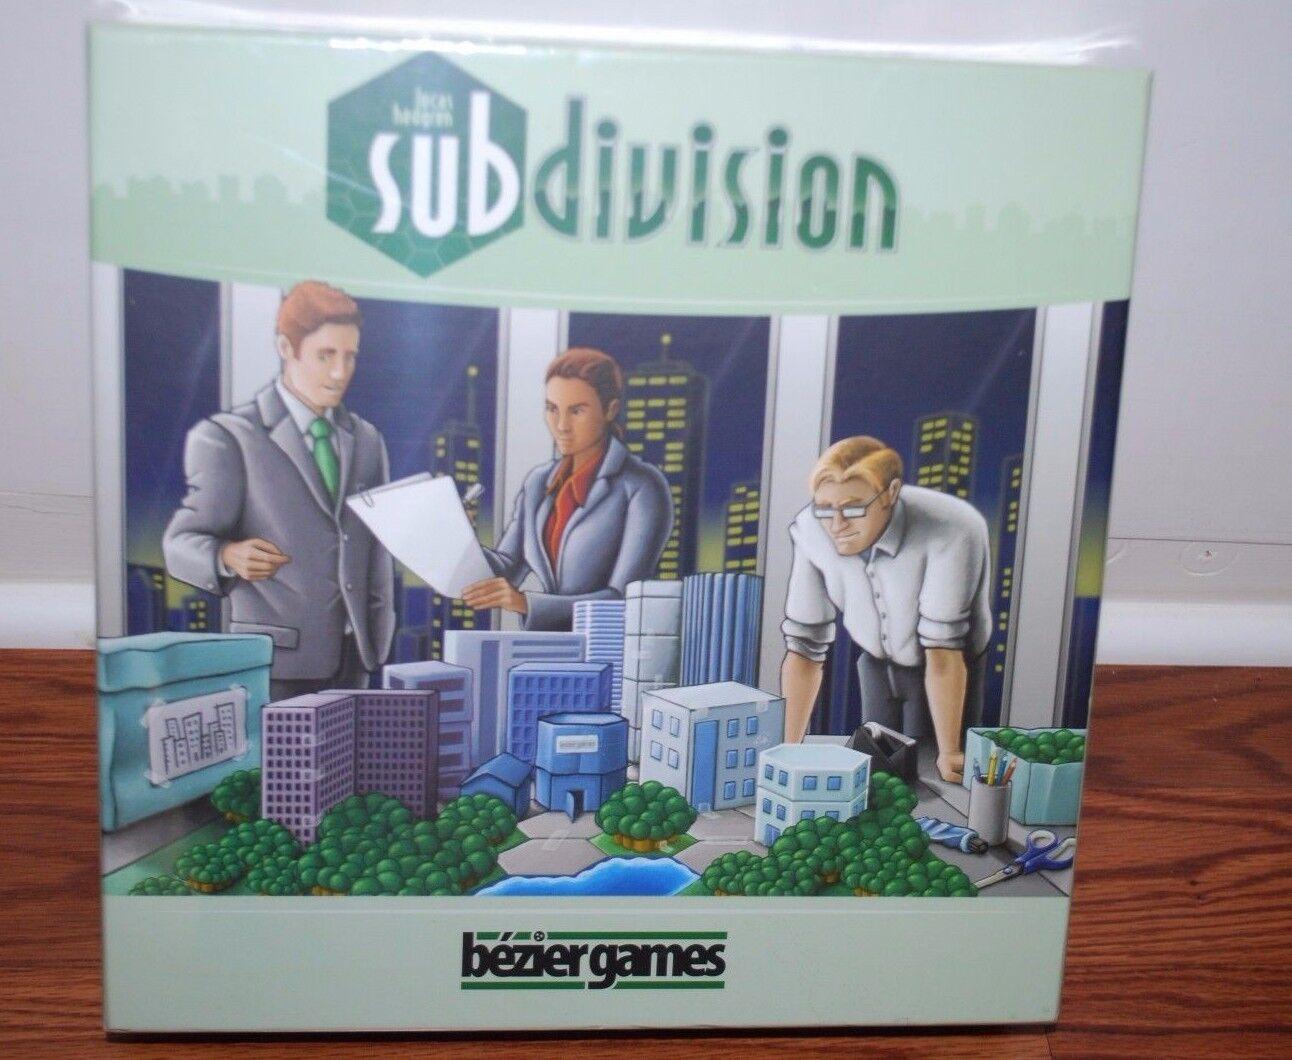 (nuovo SEALED) SUBDIVISION LUCAS HEDGREN tavola  gioco FAMILY GROUP divertimento NIGHT  lo stile classico